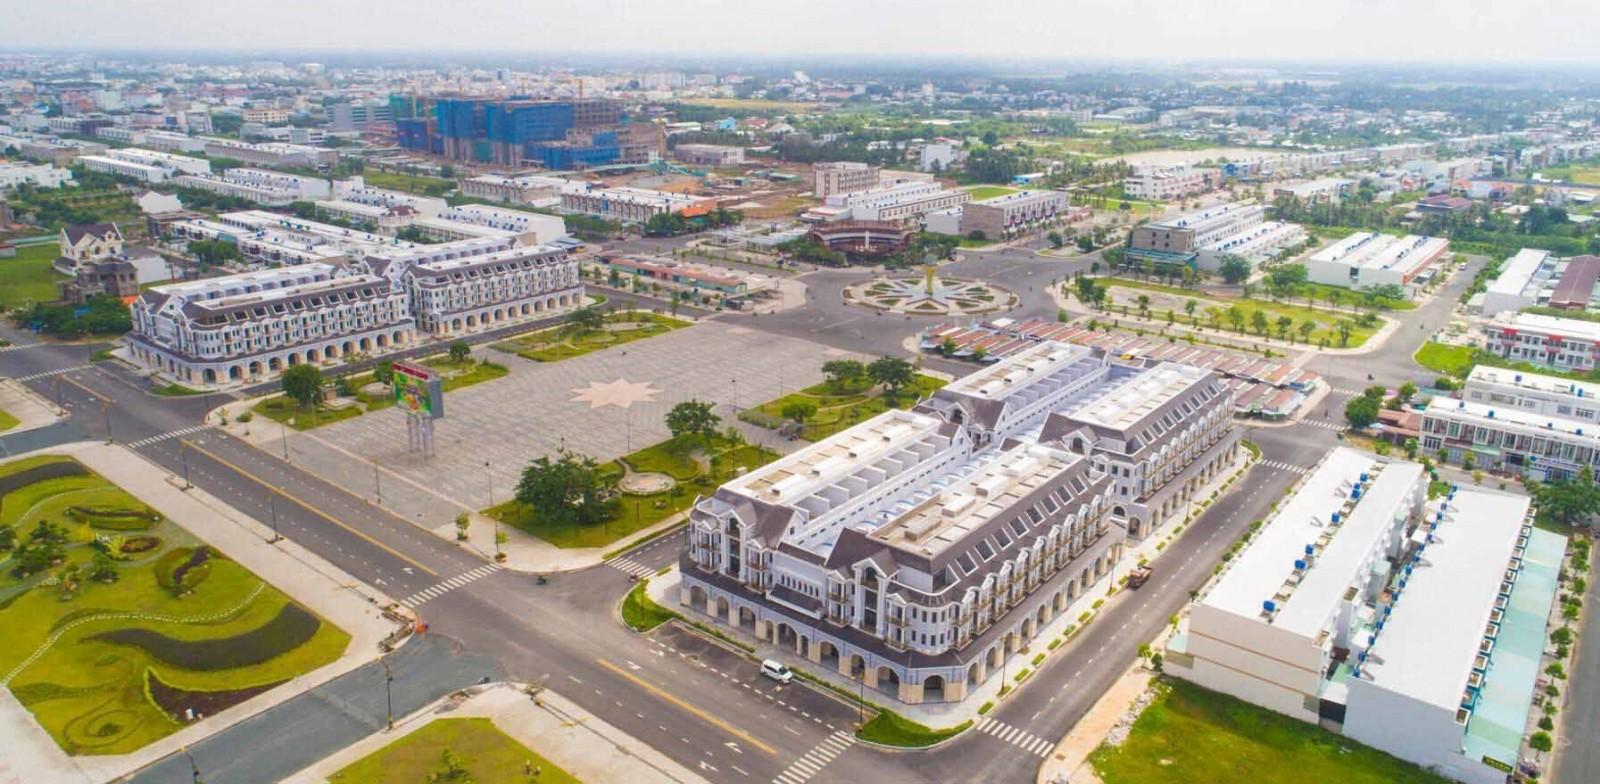 Một góc khu đô thị mới lấn biển Rạch Giá - Kiên Giang.